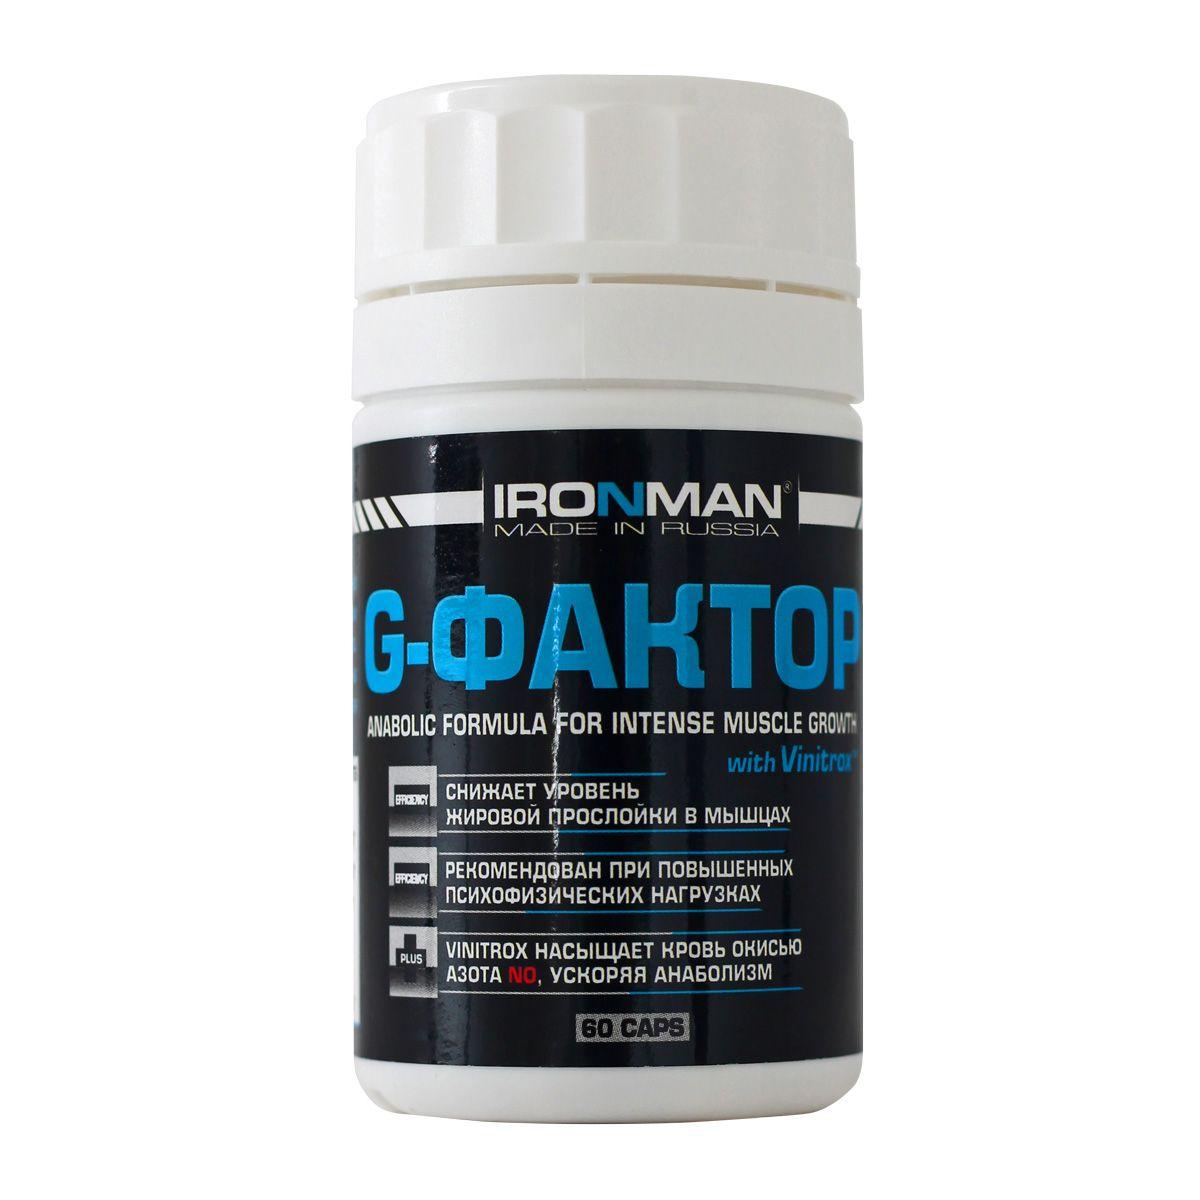 Аминокислотный комплекс Ironman G-Фактор, 60 капсул4607062750278Гроус Фактор (G-Фактор) - это смесь L-орнитина, L-аргинина и L-лизина. Эти аминокислоты, взятые в специальном соотношении, при интенсивной силовой нагрузке эффективно стимулируют выработку гипофизом соматотропного гормона (гормона роста), что в свою очередь приводит к снижению уровня жировой прослойки в мышцах и росту мускулатуры. Кроме того, G-Фактор стимулирует иммунную систему, центральную нервную систему, снижает утомляемость, улучшает обмен в опорно-двигательном аппарате (связках, костях).Состав: смесь трех аминокислот (L-аргинин, L-орнитин, L-лизин), желатин. Содержание питательных веществ в одной порции (2 капсулы): L-орнитин 420мг, L-аргинин 140мг, L-лизин 40 мг.Внимание: не рекомендуется принимать продукт детям, подросткам, диабетикам, страдающим от гипогликемии, кормящим и беременным женщинам.Товар сертифицирован.Уважаемые клиенты! Обращаем ваше внимание на возможные изменения в дизайне упаковки. Качественные характеристики товара остаются неизменными. Поставка осуществляется в зависимости от наличия на складе.Как повысить эффективность тренировок с помощью спортивного питания? Статья OZON Гид